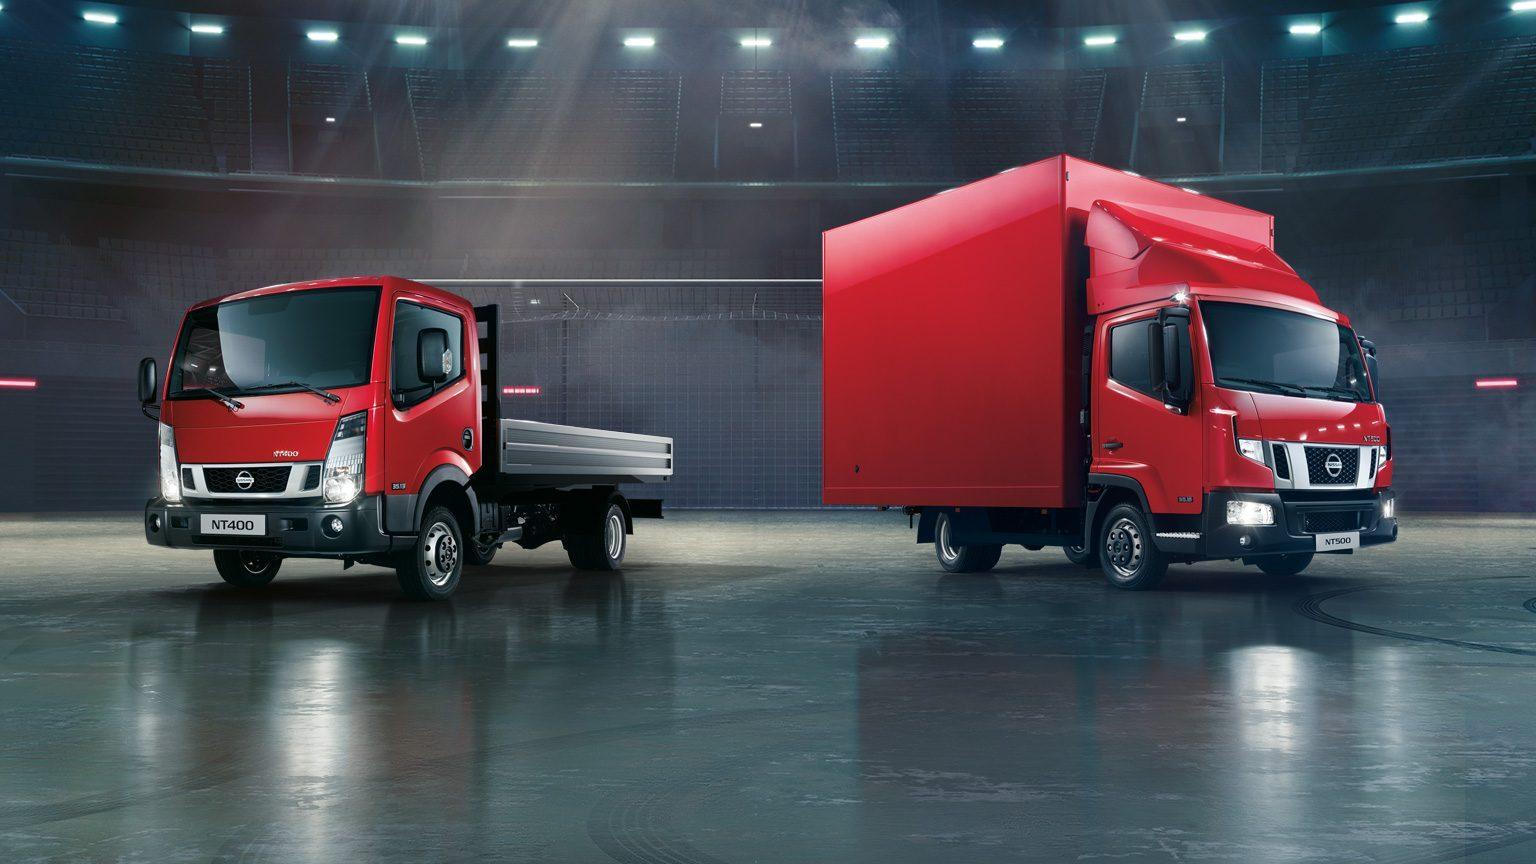 מגניב ביותר שירות לקוחות - משאיות | ניסאן ישראל HO-12